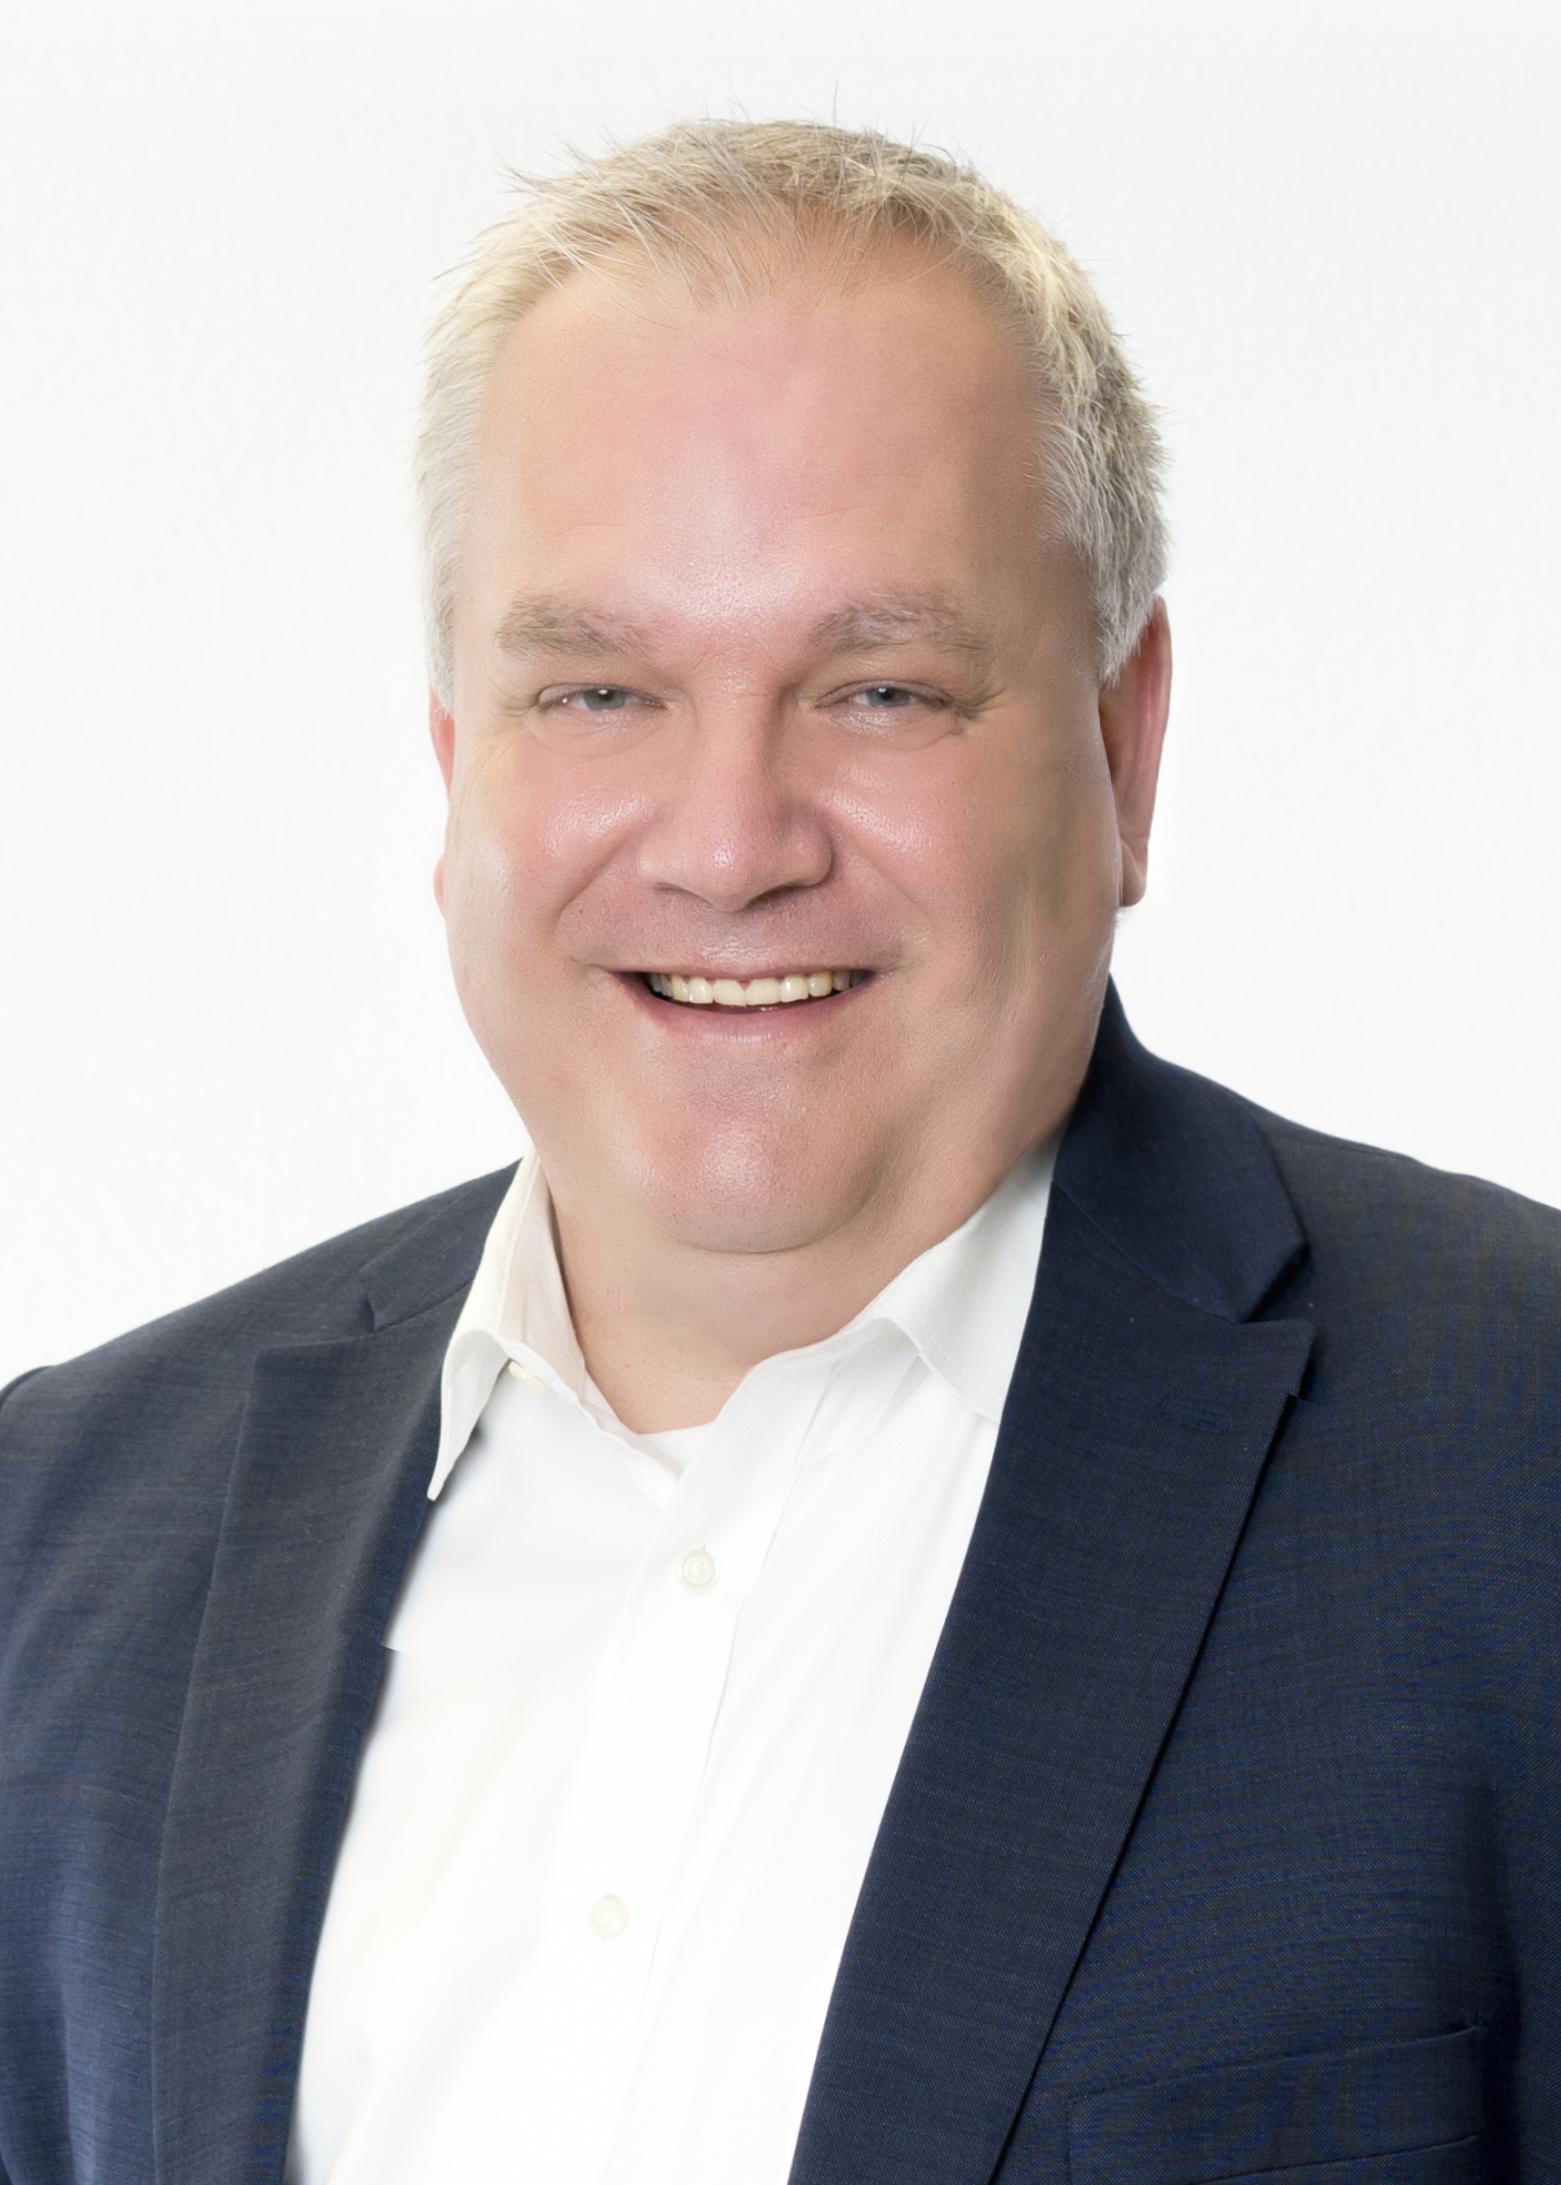 Portrait of Steve Sherrer